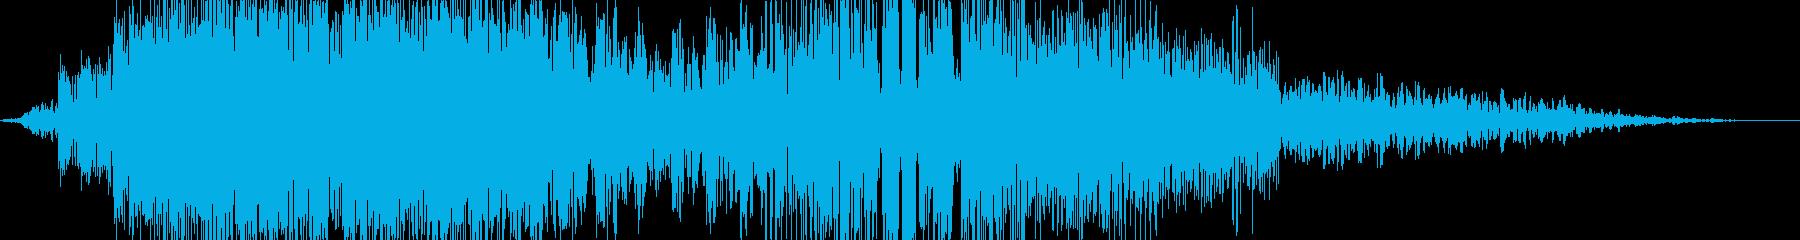 【ホラーゲーム】  環境音 「ゴワーッ」の再生済みの波形